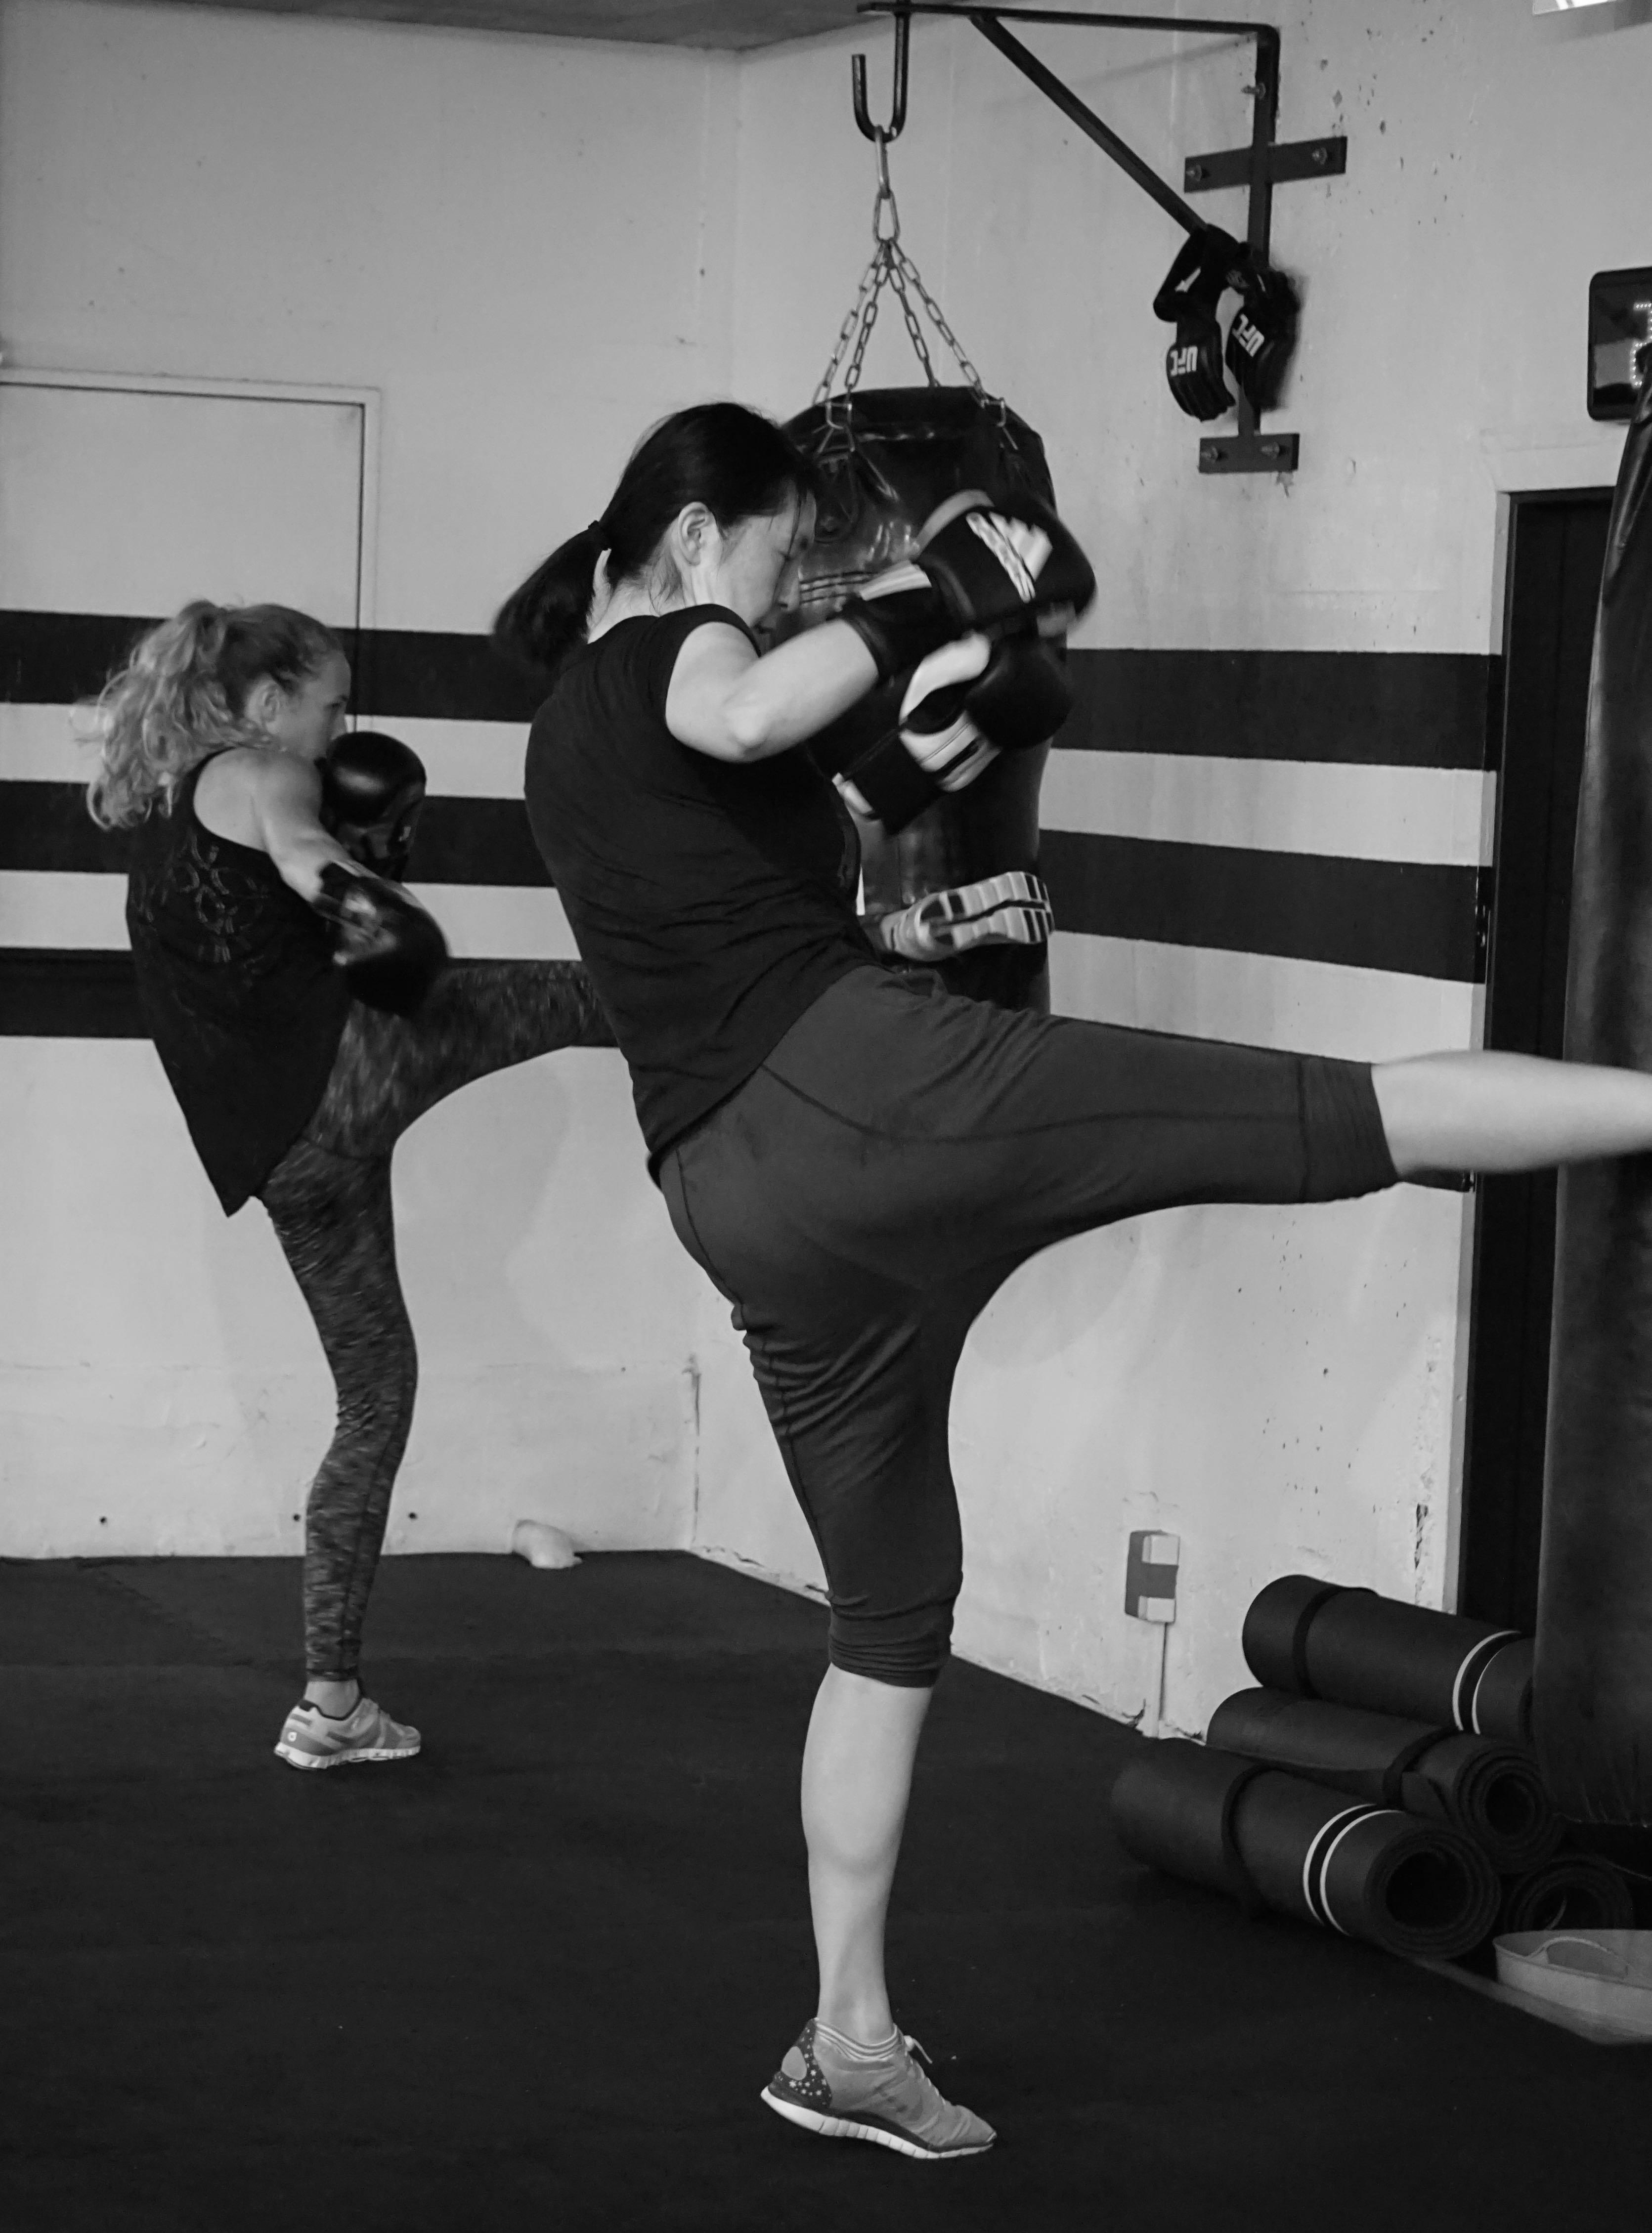 Kickboxing in Tokyo